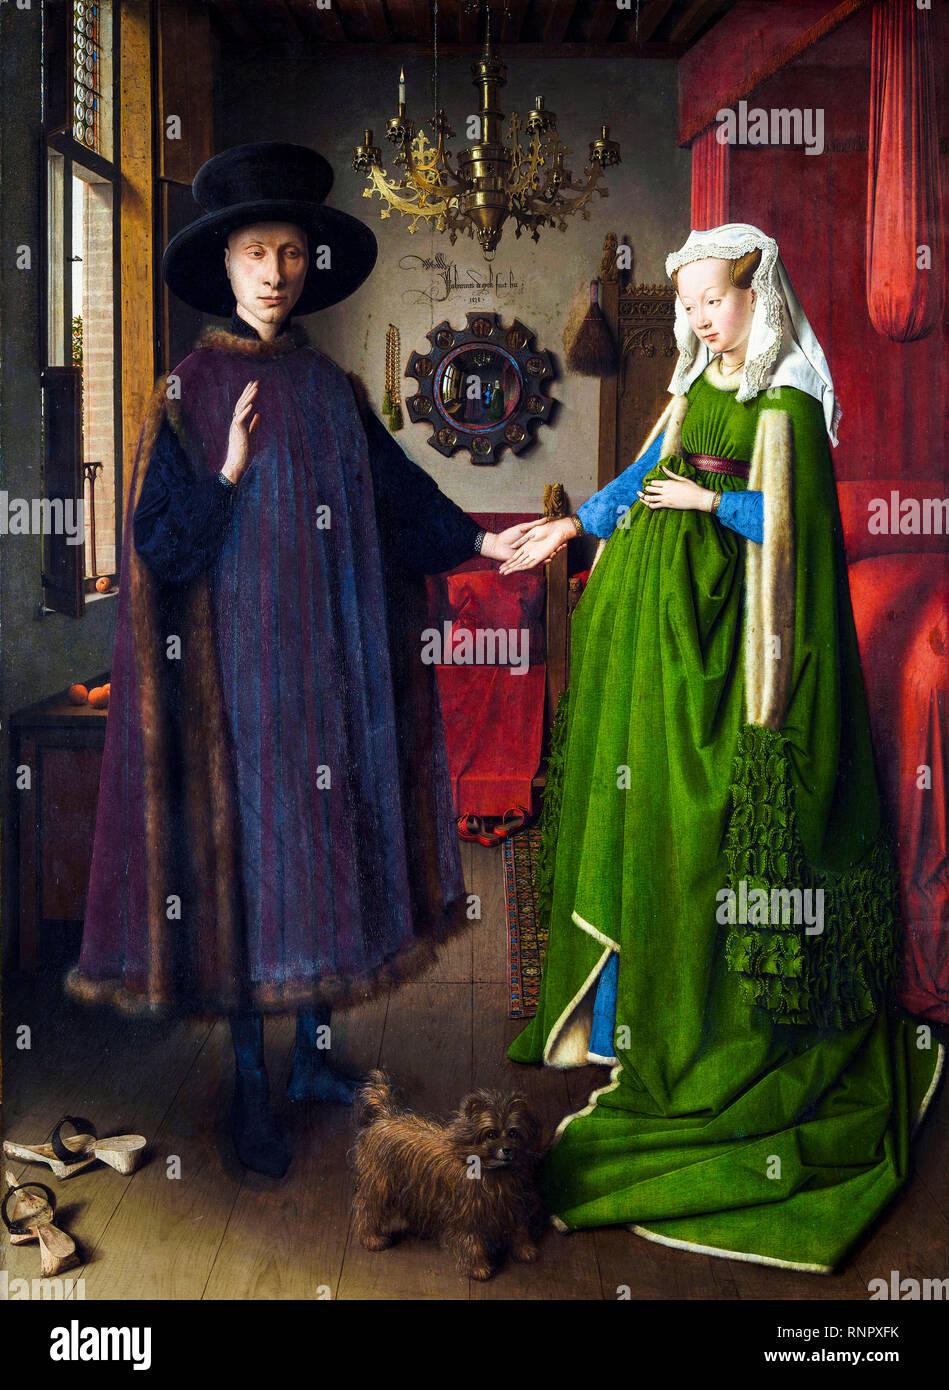 Il Ritratto di Arnolfini o Ritratto di Giovanni Arnolfini e sua moglie, Jan Van Eyck, 1434 pittura Immagini Stock